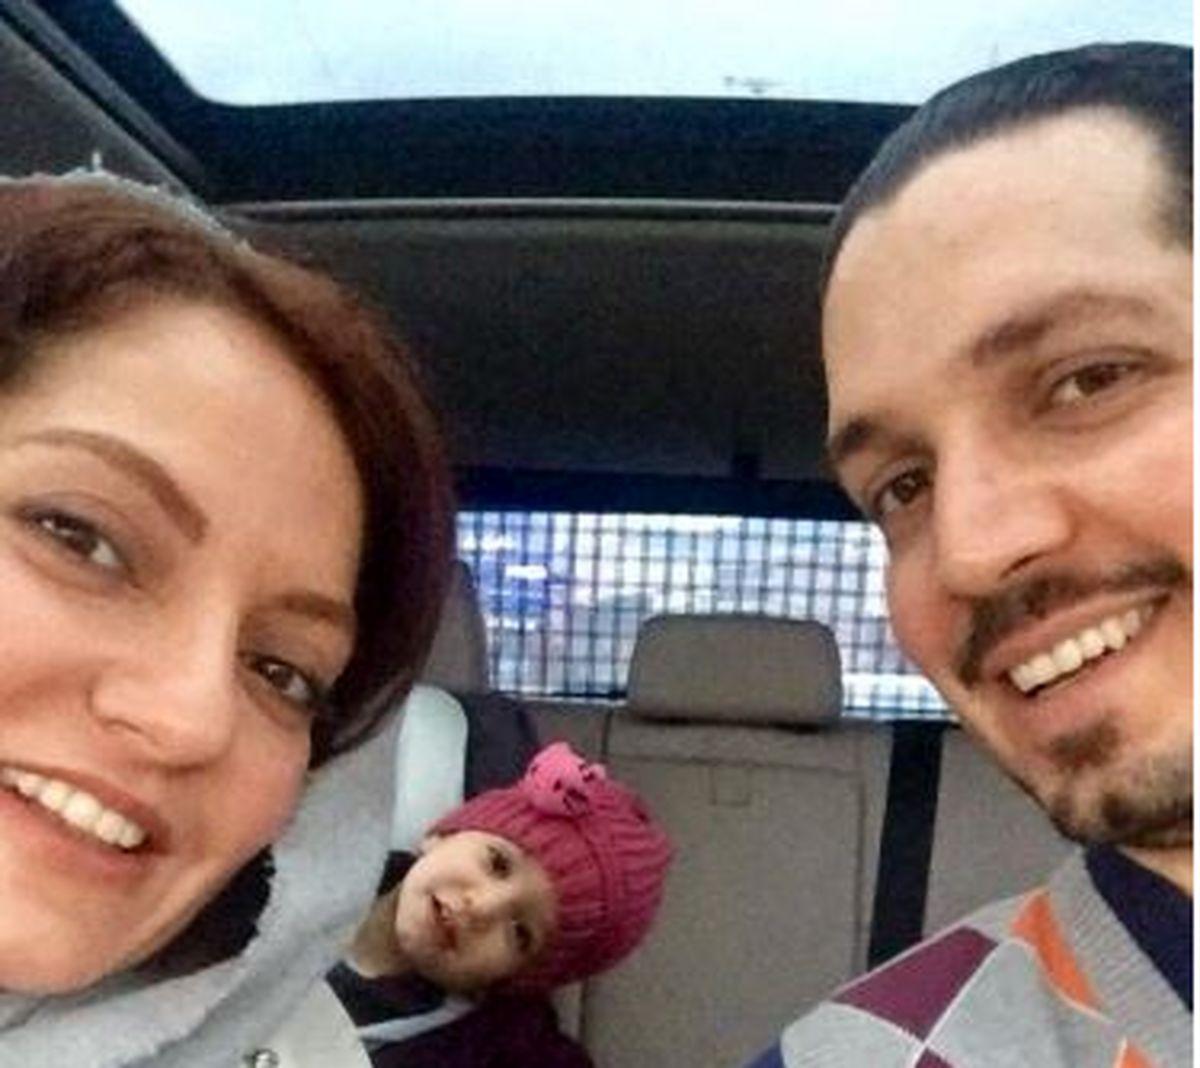 نامه ناراحت کننده مادر شوهر مهناز افشار برای تولد نوه اش + عکس